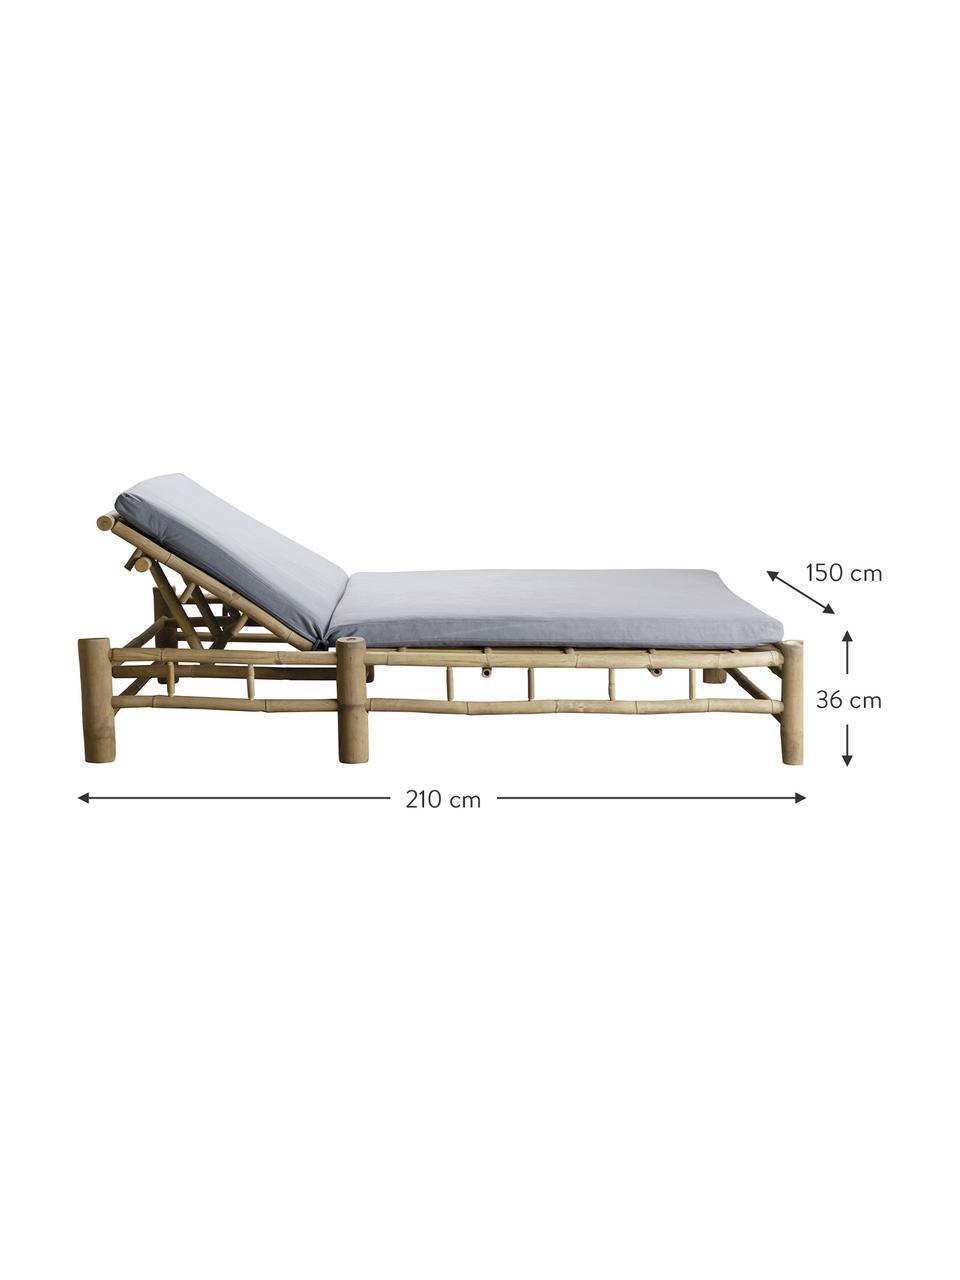 XL Bambus-Gartenliege Bambed mit Polsterauflage, Gestell: Bambus, Bezug: 100% Baumwolle, Grau, Braun, 150 x 210 cm